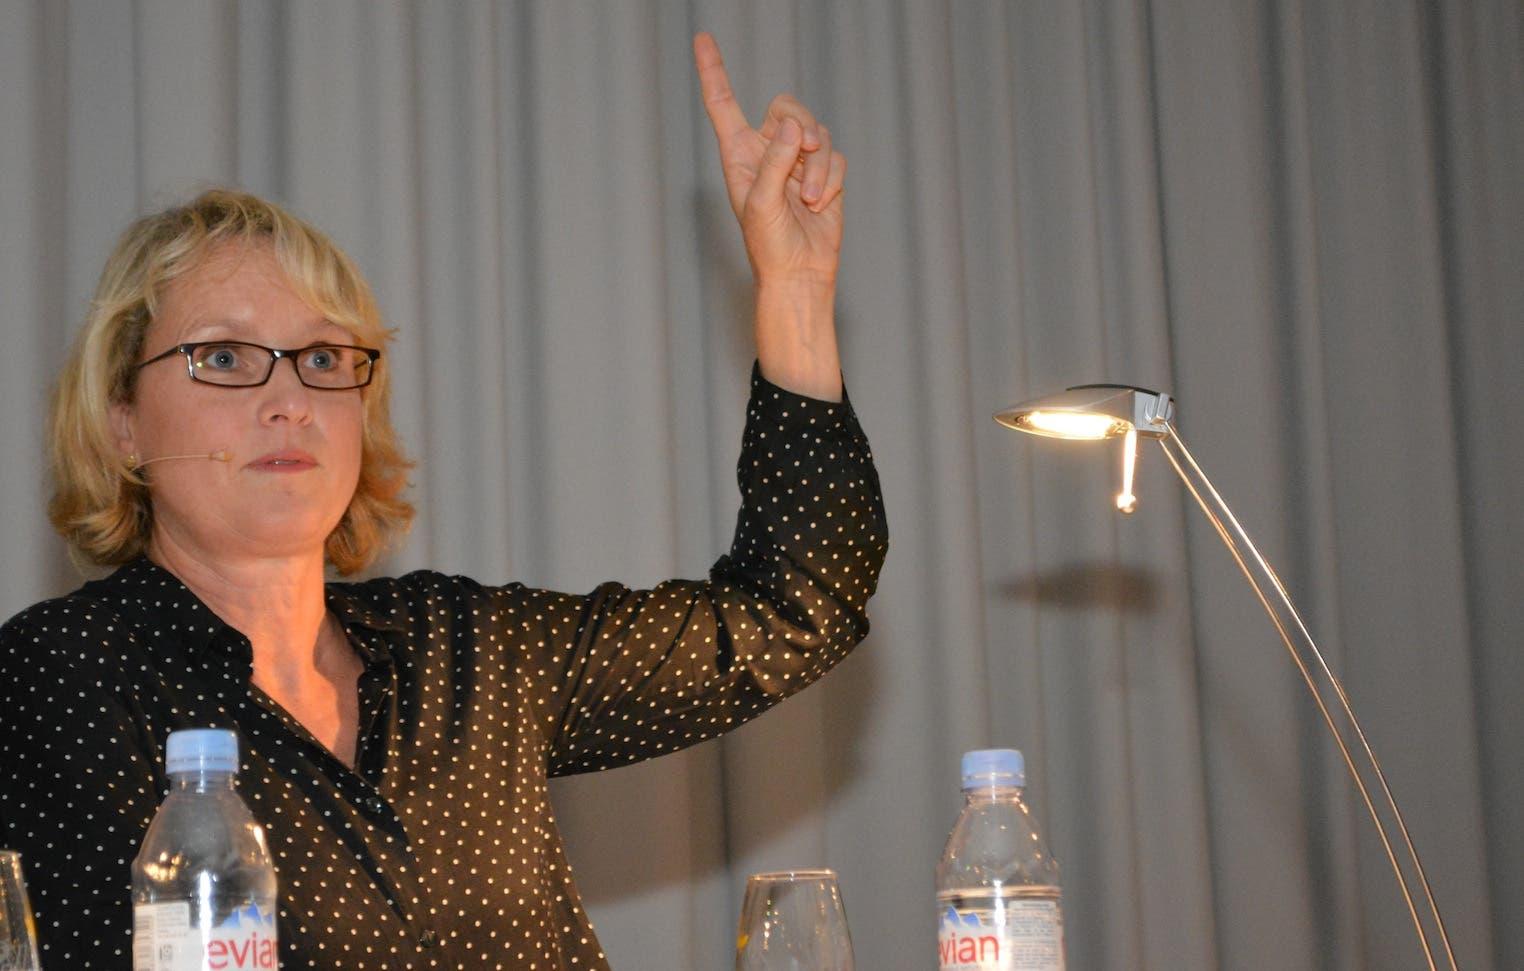 Sybil Schreiber Schreiber holt zum Gegenschlag aus und spitzt schon mal den Finger und die Zunge.